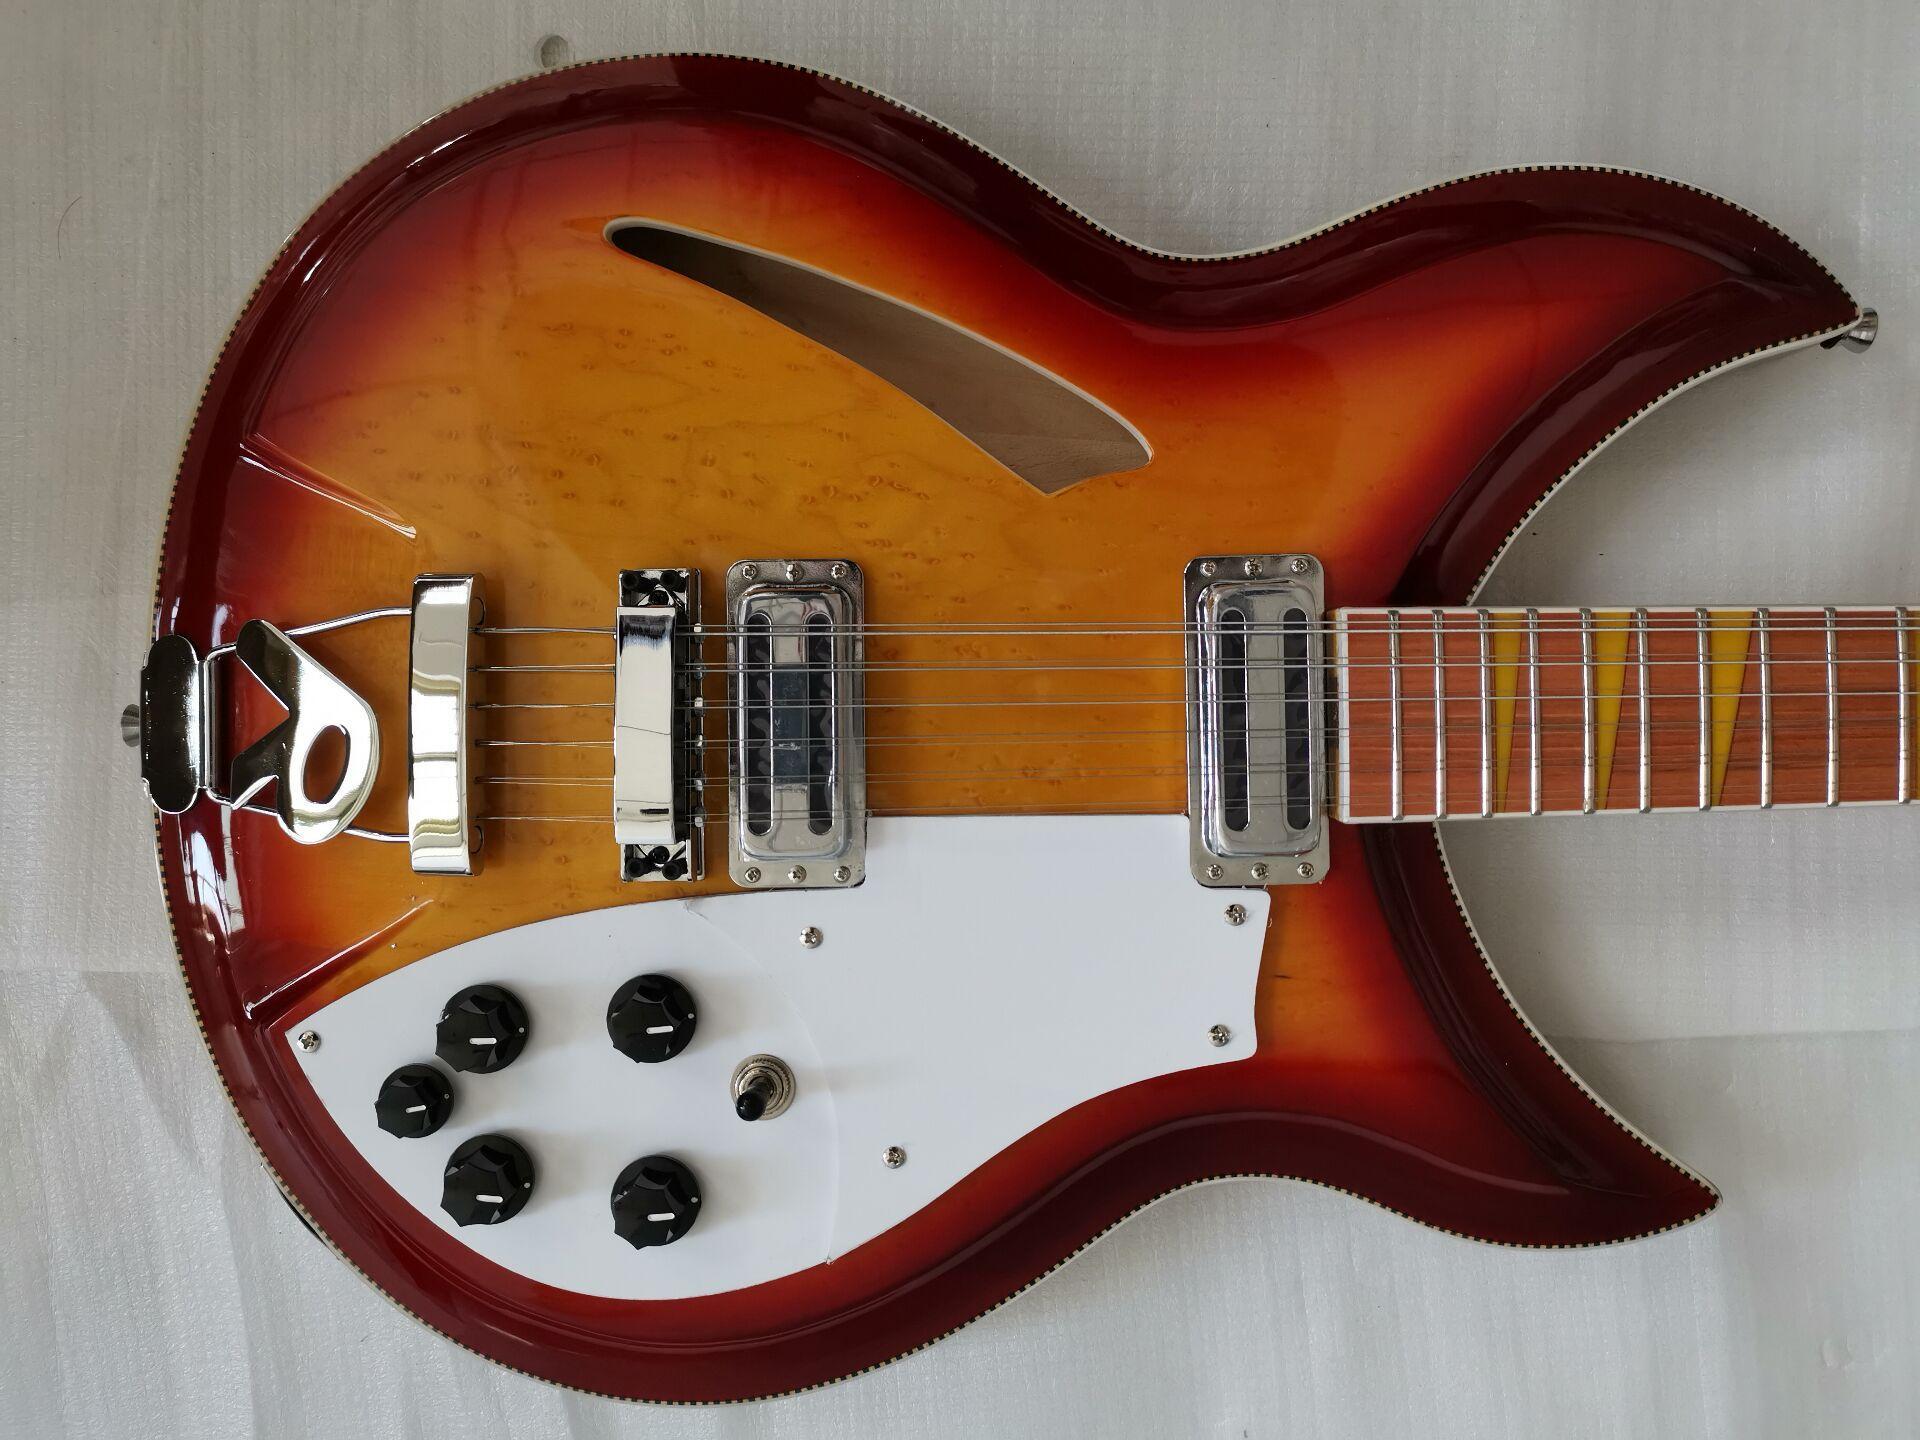 RIC Feu Glo Vintage Sunburst 381 12 cordes Semi Hollow Body Guitare électrique érable moucheté Top Retour, Reliure Checkerboard, Jaune Inlay